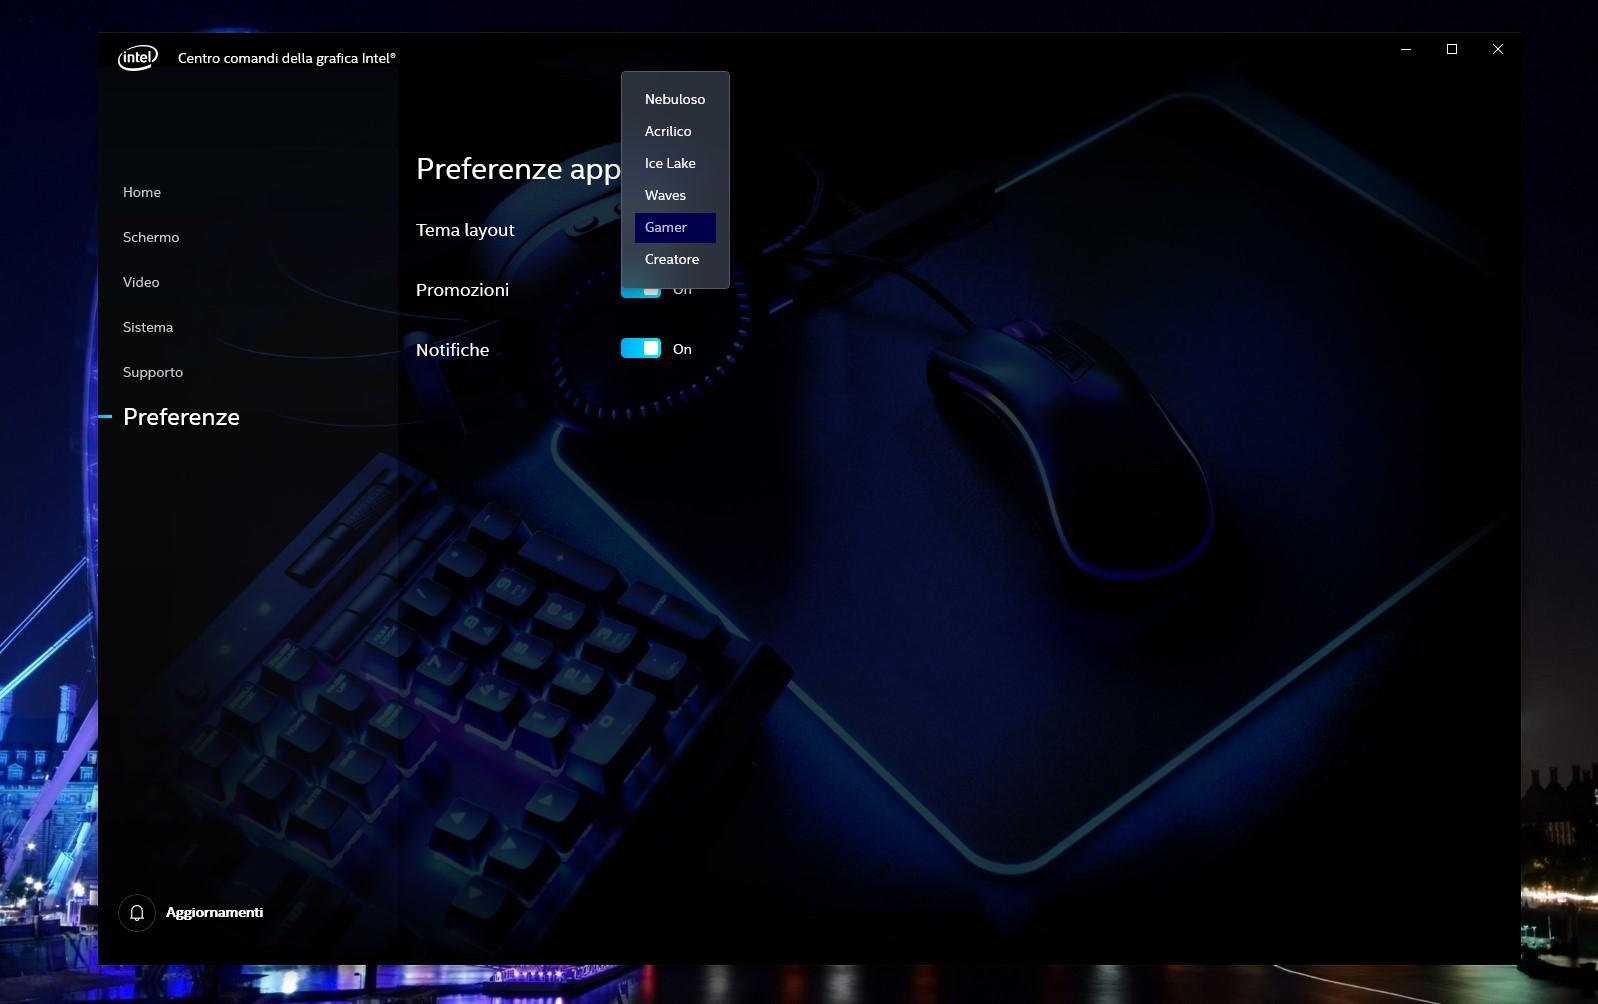 Centro comandi grafica Intel nuovi temi